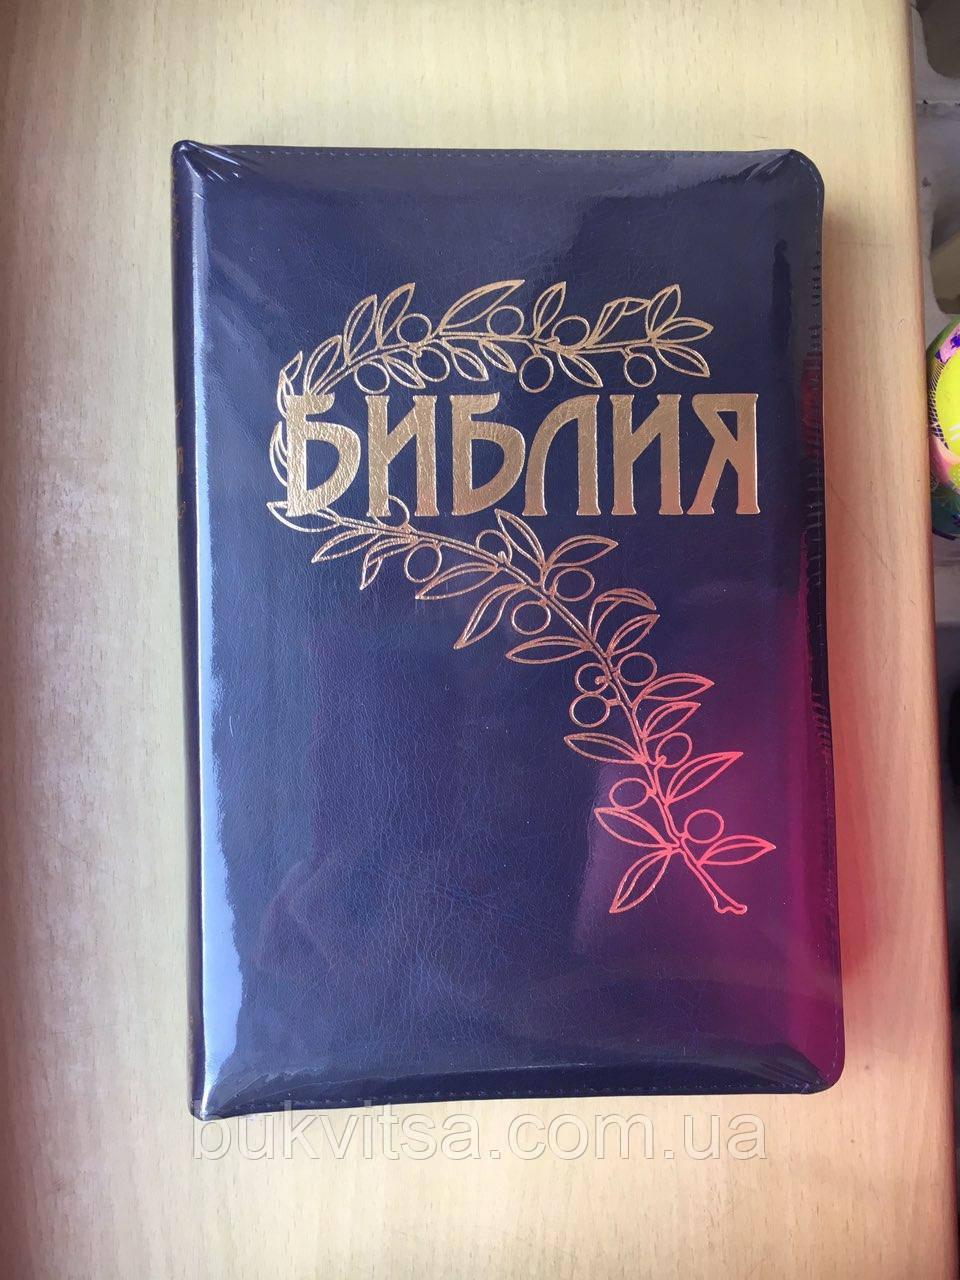 Библия темно-синего цвета с веточкой, 14х22 см, с замочком, без индексов, золотой срез